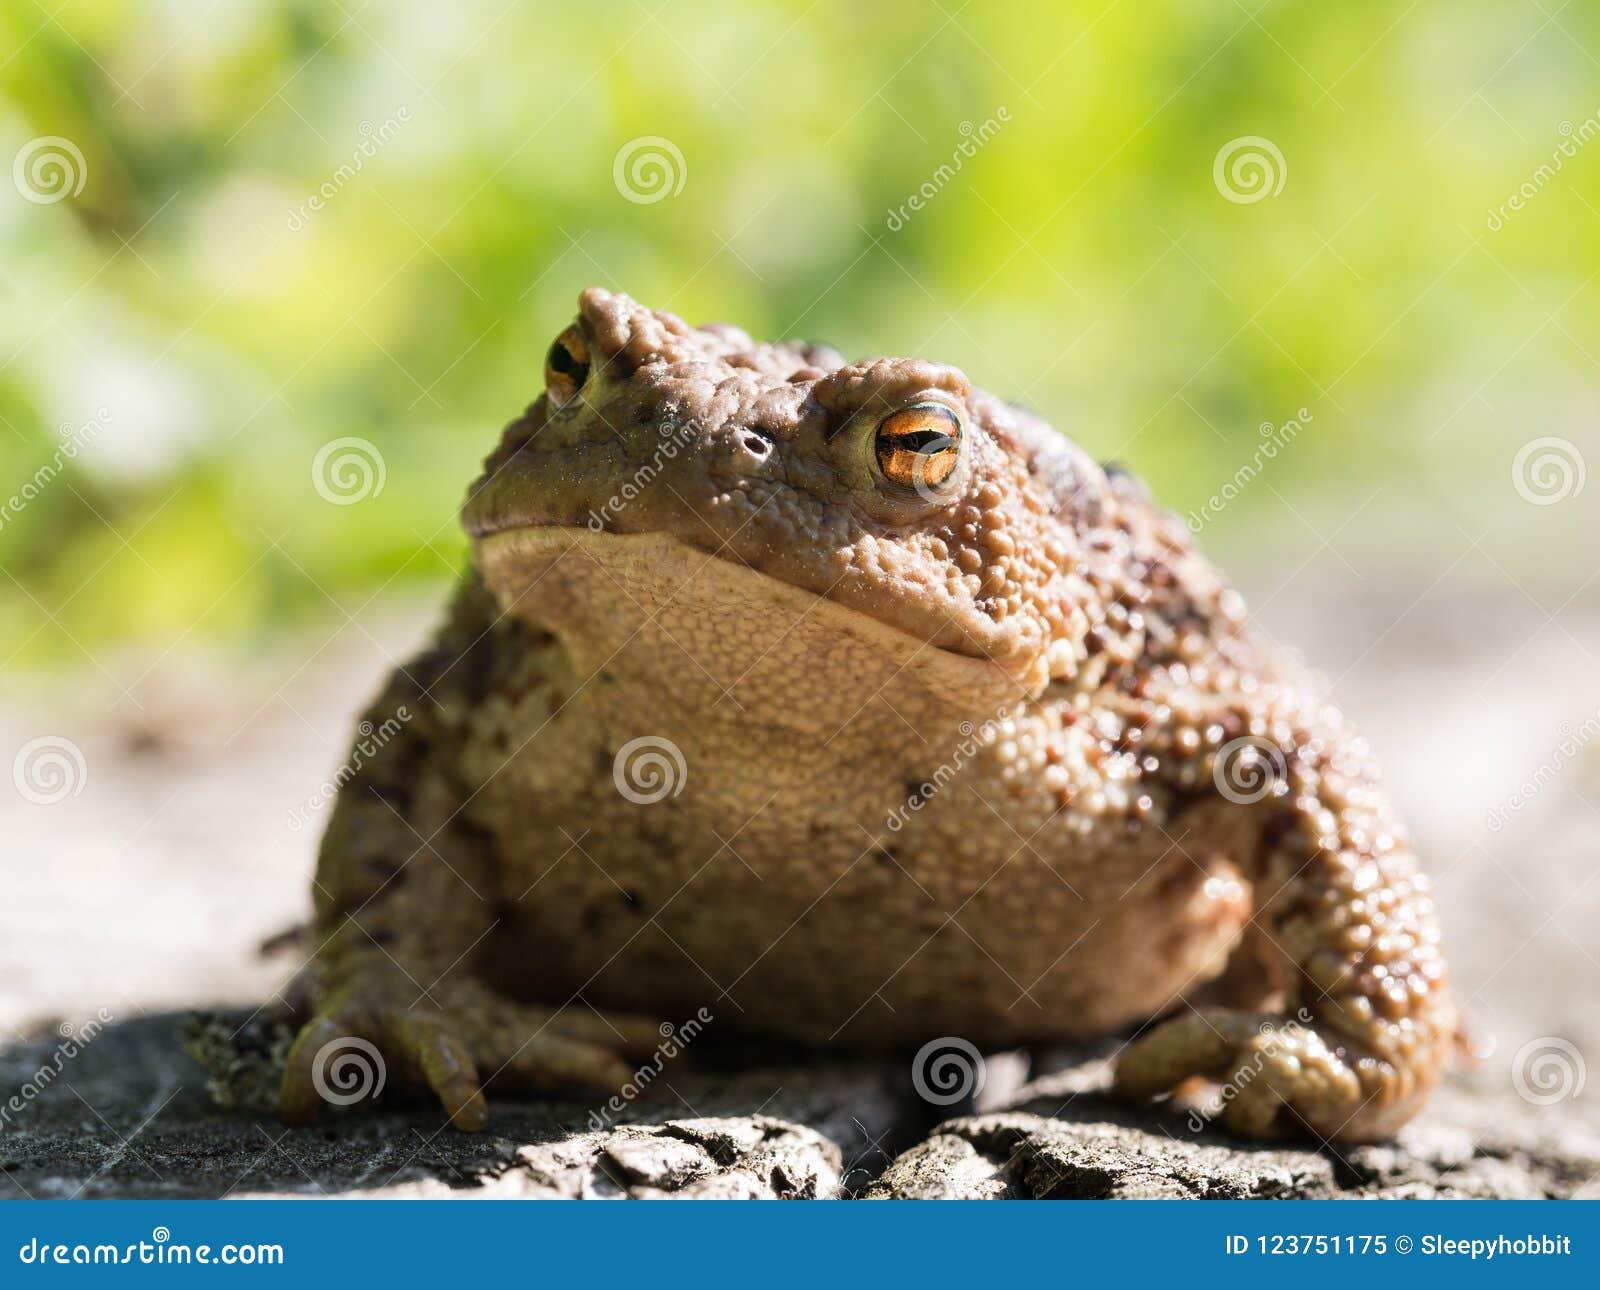 Der gemeine Krötenfrosch, europäische Kröte bufo bufo ist eine Amphibie, die während die meisten von Europa gefunden wird